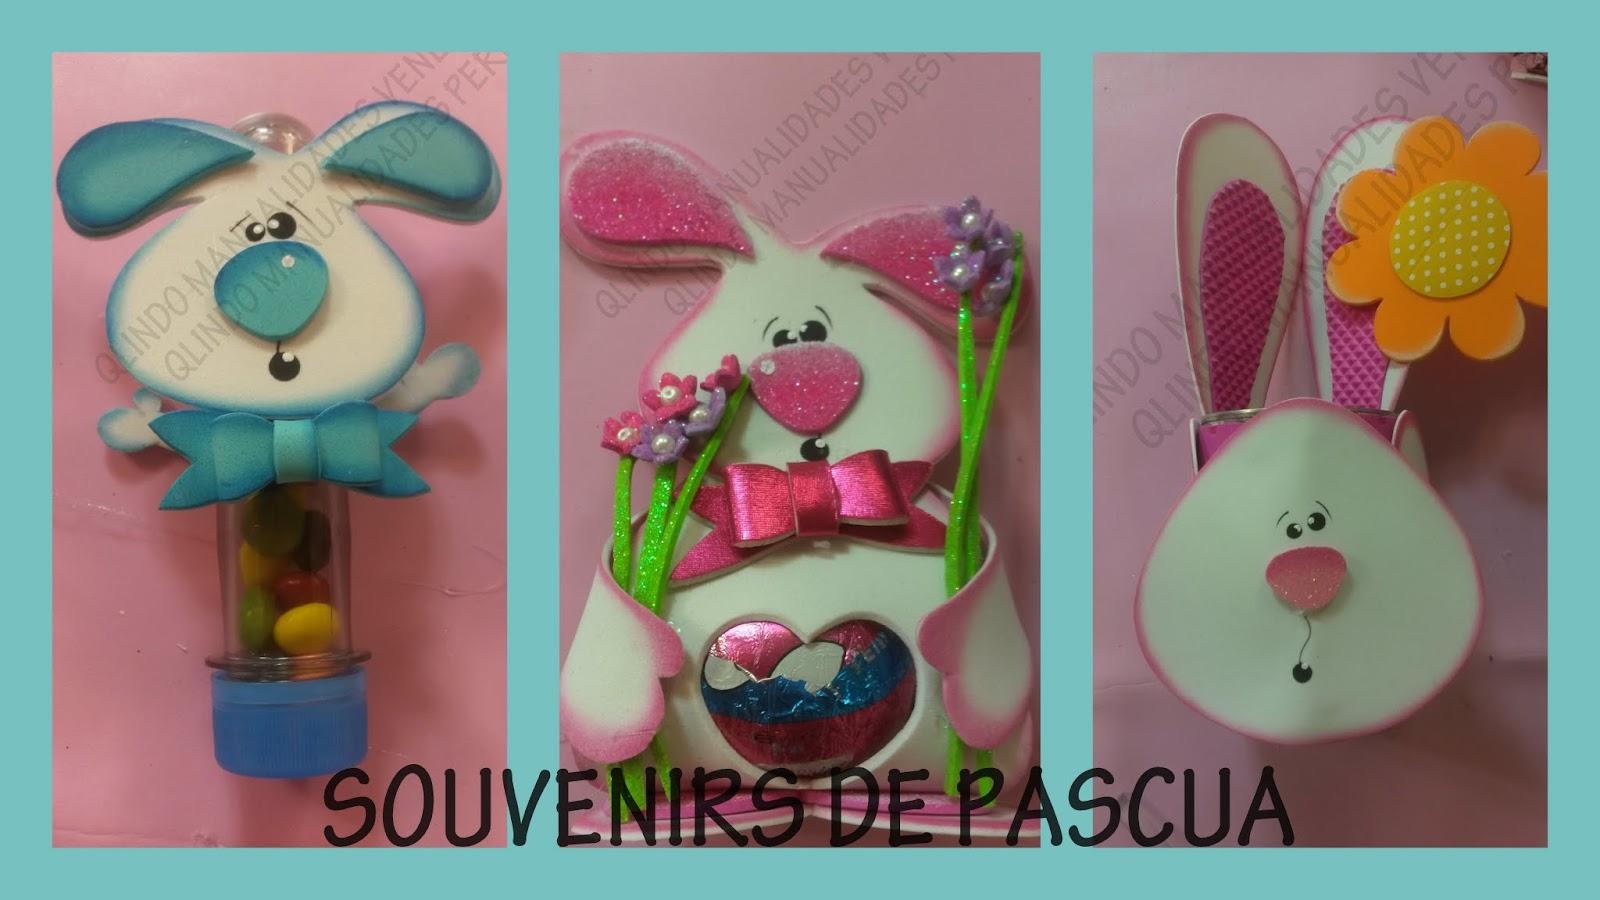 Souvenirs De Pascua